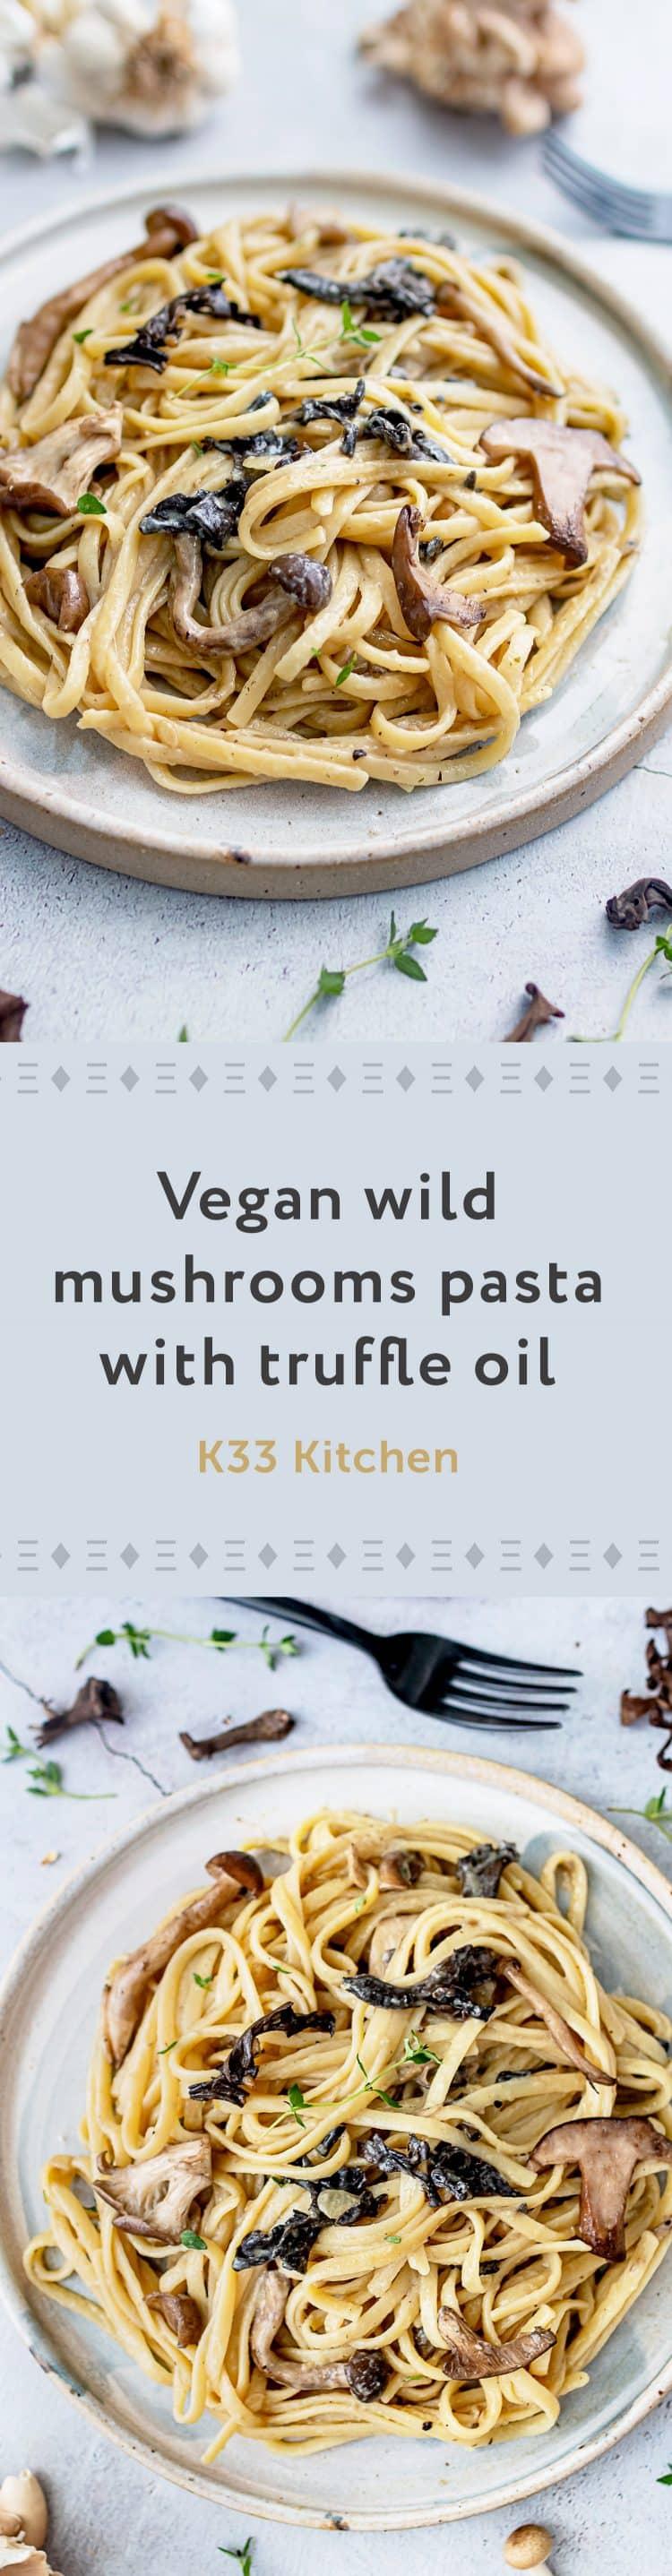 K33Kitchen vegan wild mushrooms pasta with truffle oil